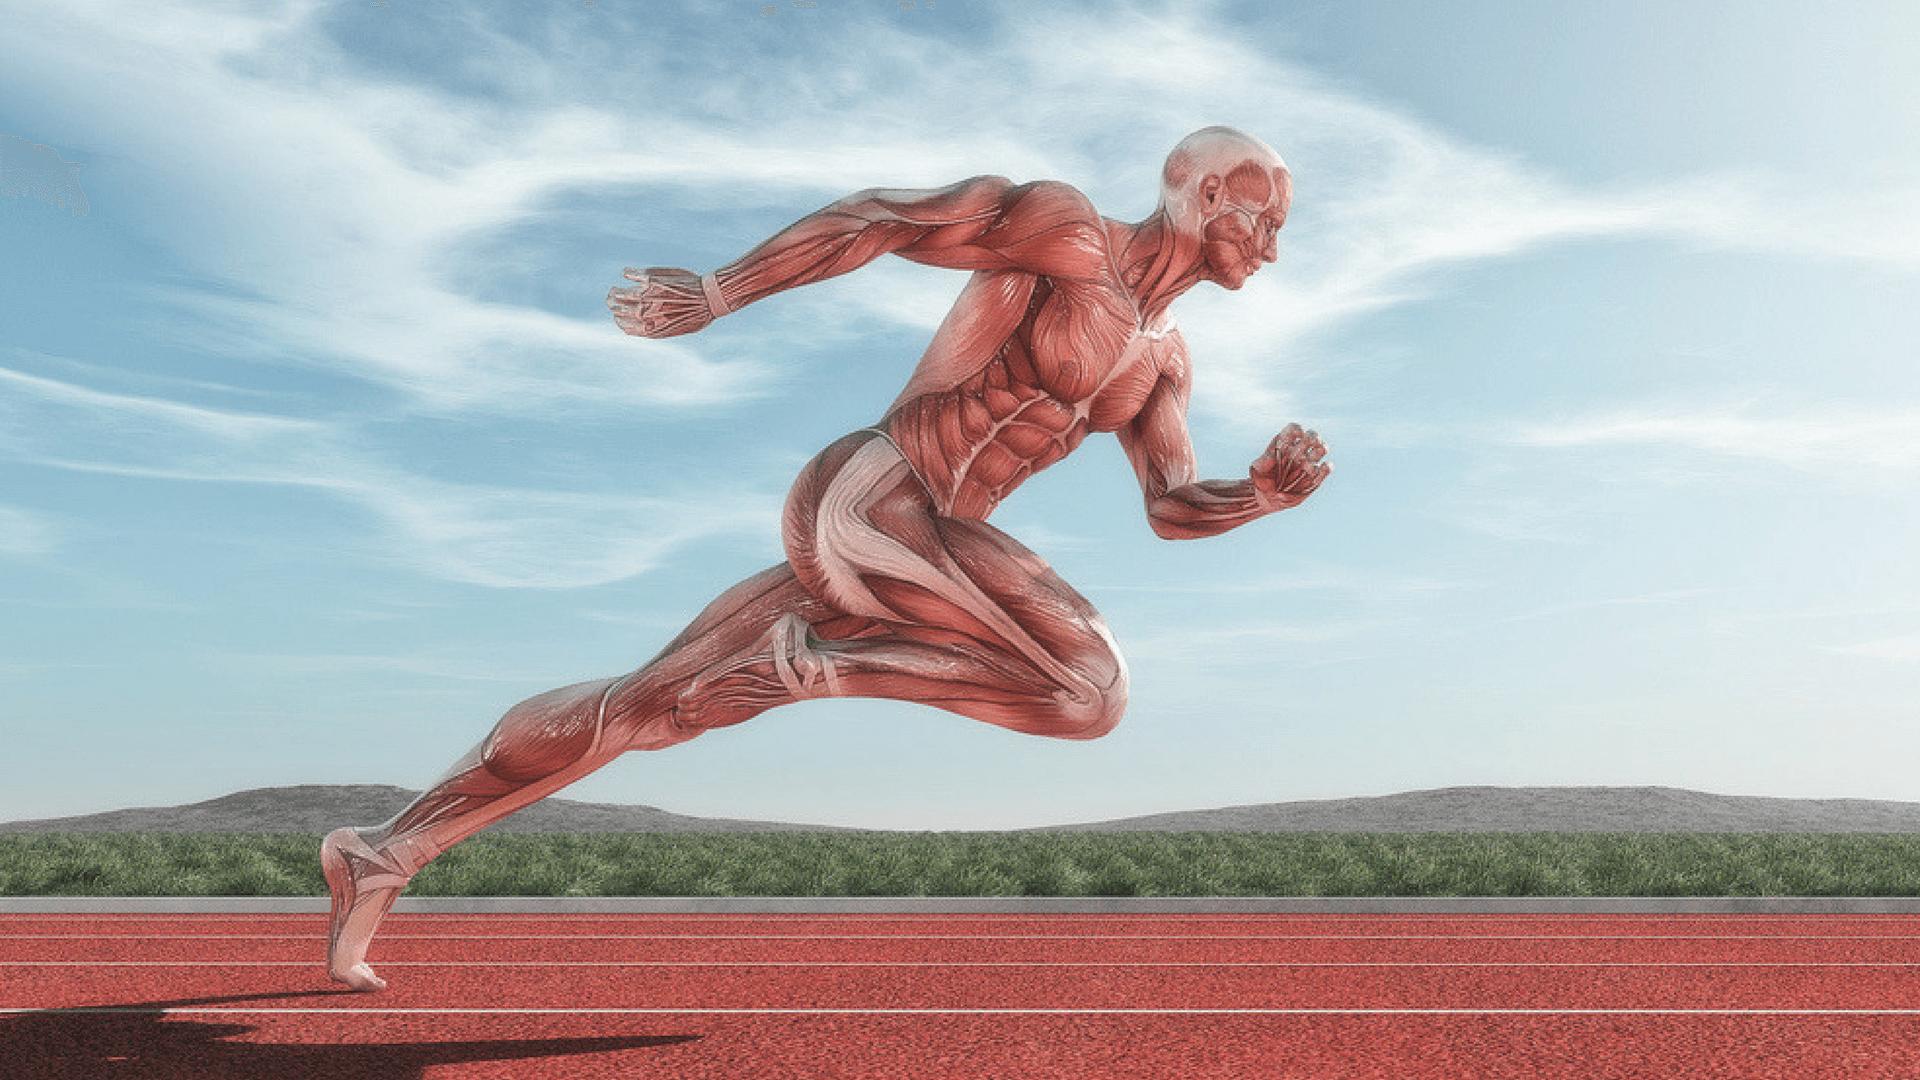 Tipos de fibras musculares – Diferencias entre fibras rojas y blancas